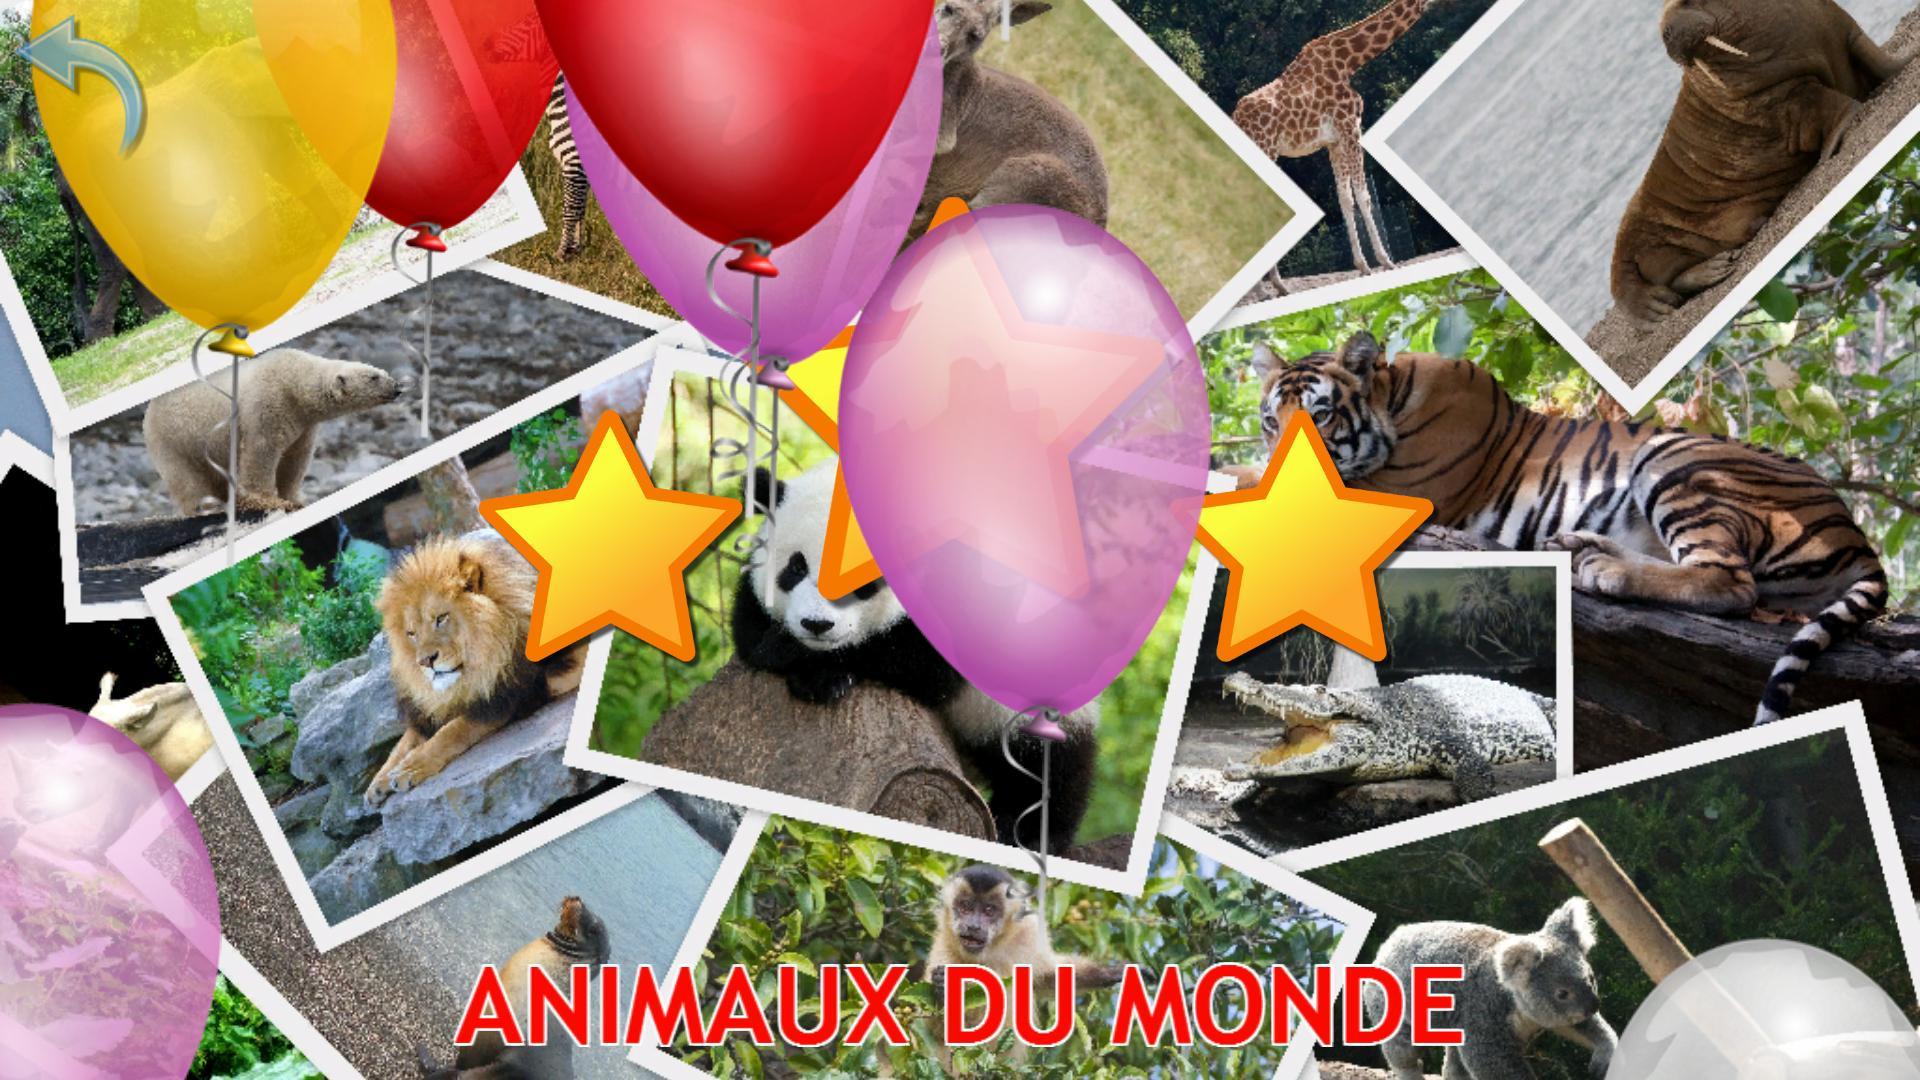 Animaux Pour Les Enfants, Jeux Bébé Gratuit Pour Android destiné Jeux De Bébé Animaux Gratuit